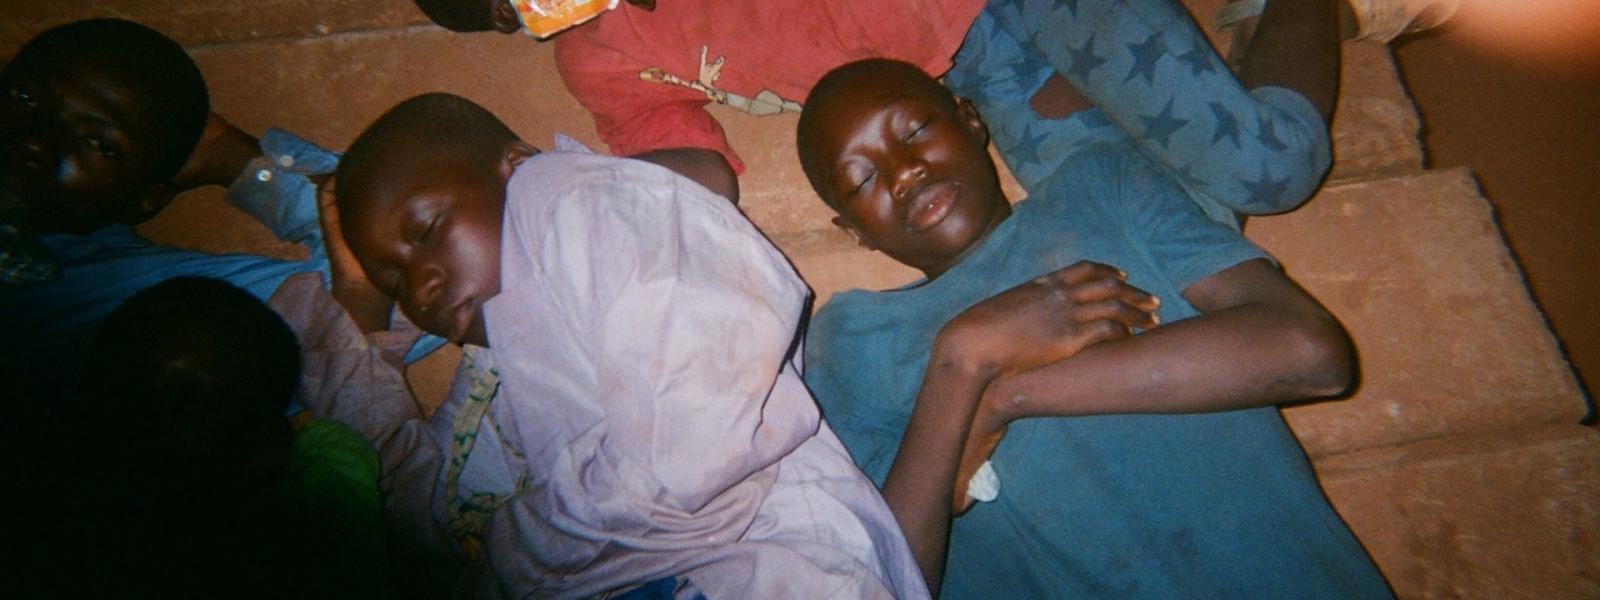 📸 Estat de situació del Covid19 i dels nens i joves en situació de carrer de Bobo-Dioulasso